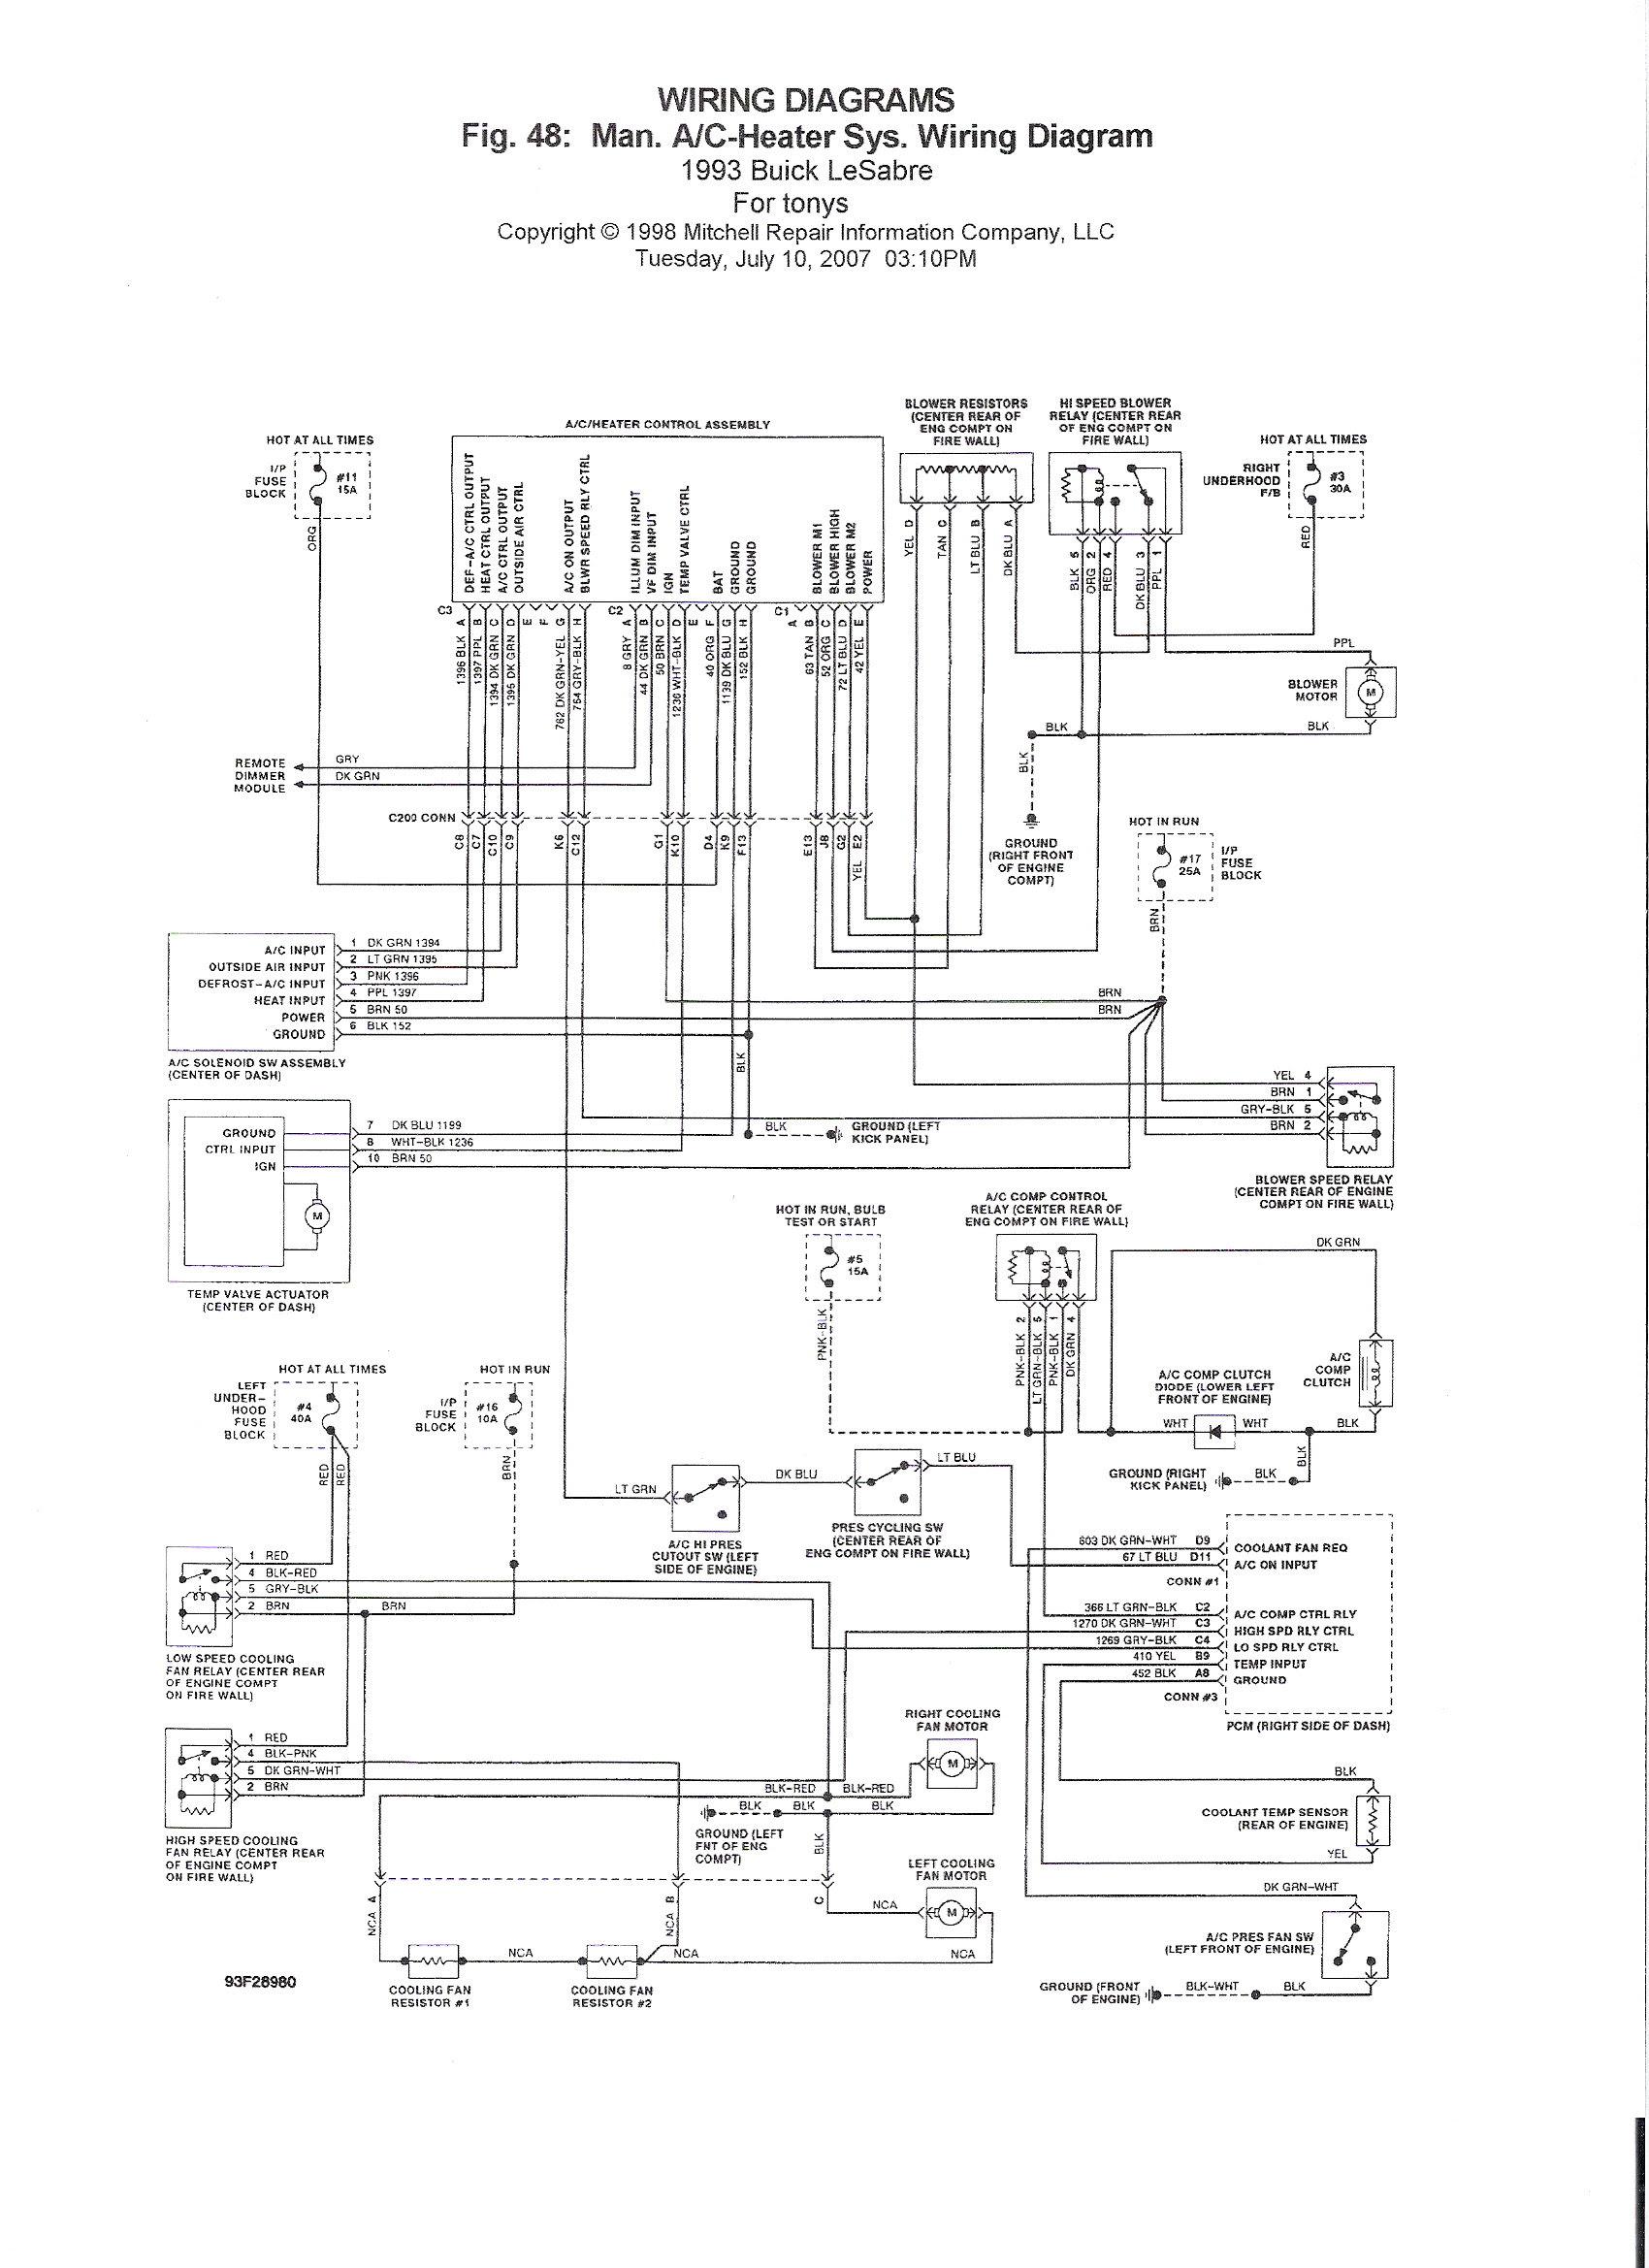 Diagram Based Wiring Diagram For 1993 Buick Lesabre Completed Diagram Base Buick Lesabre Muriel Caronne Eardiagram Pcinformi It